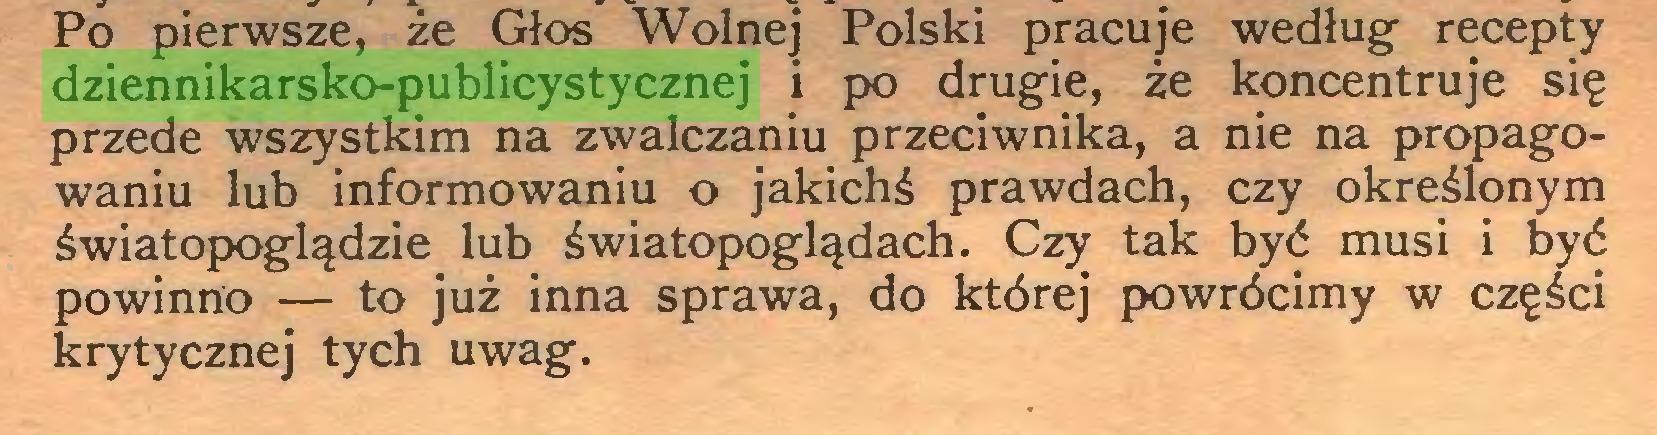 (...) Po pierwsze, że Głos Wolnej Polski pracuje według recepty dziennikarsko-publicystycznej i po drugie, że koncentruje się przede wszystkim na zwalczaniu przeciwnika, a nie na propagowaniu lub informowaniu o jakichś prawdach, czy określonym światopoglądzie lub światopoglądach. Czy tak być musi i być powinno — to już inna sprawa, do której powrócimy w części krytycznej tych uwag...